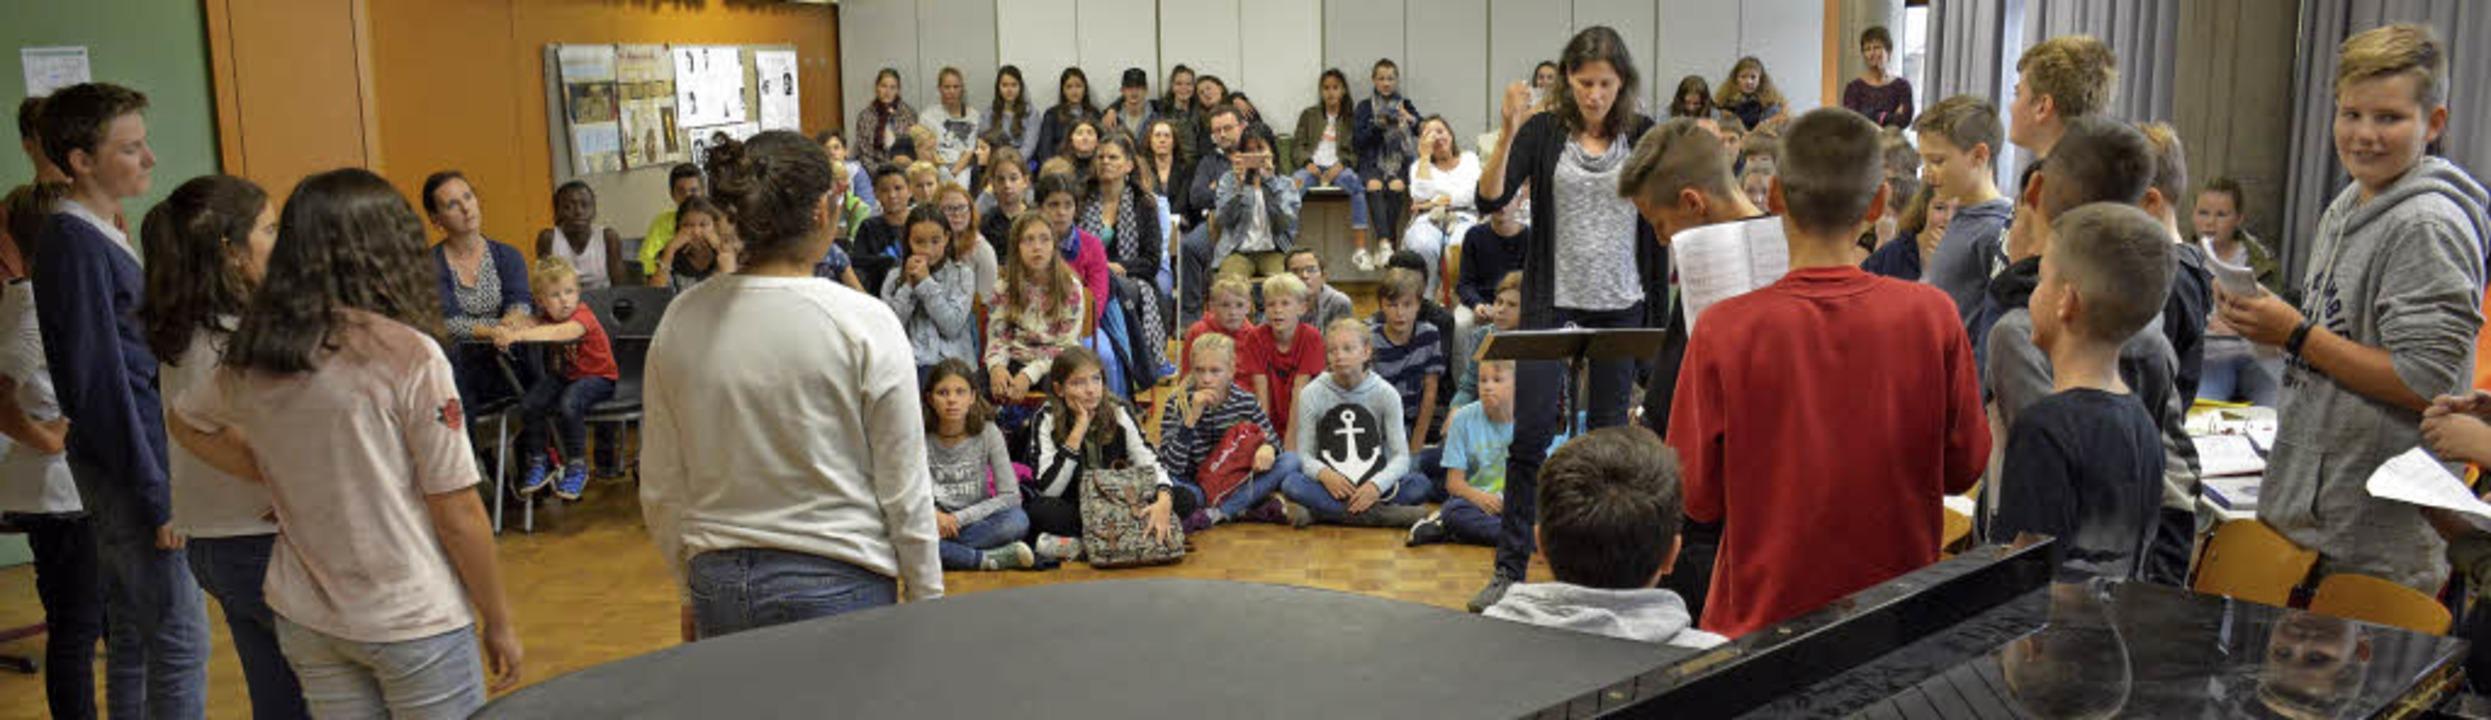 Viel Publikum lockte das Luther-Musica...ormators in Jugendsprache übersetzte.   | Foto: Weniger, Lauber